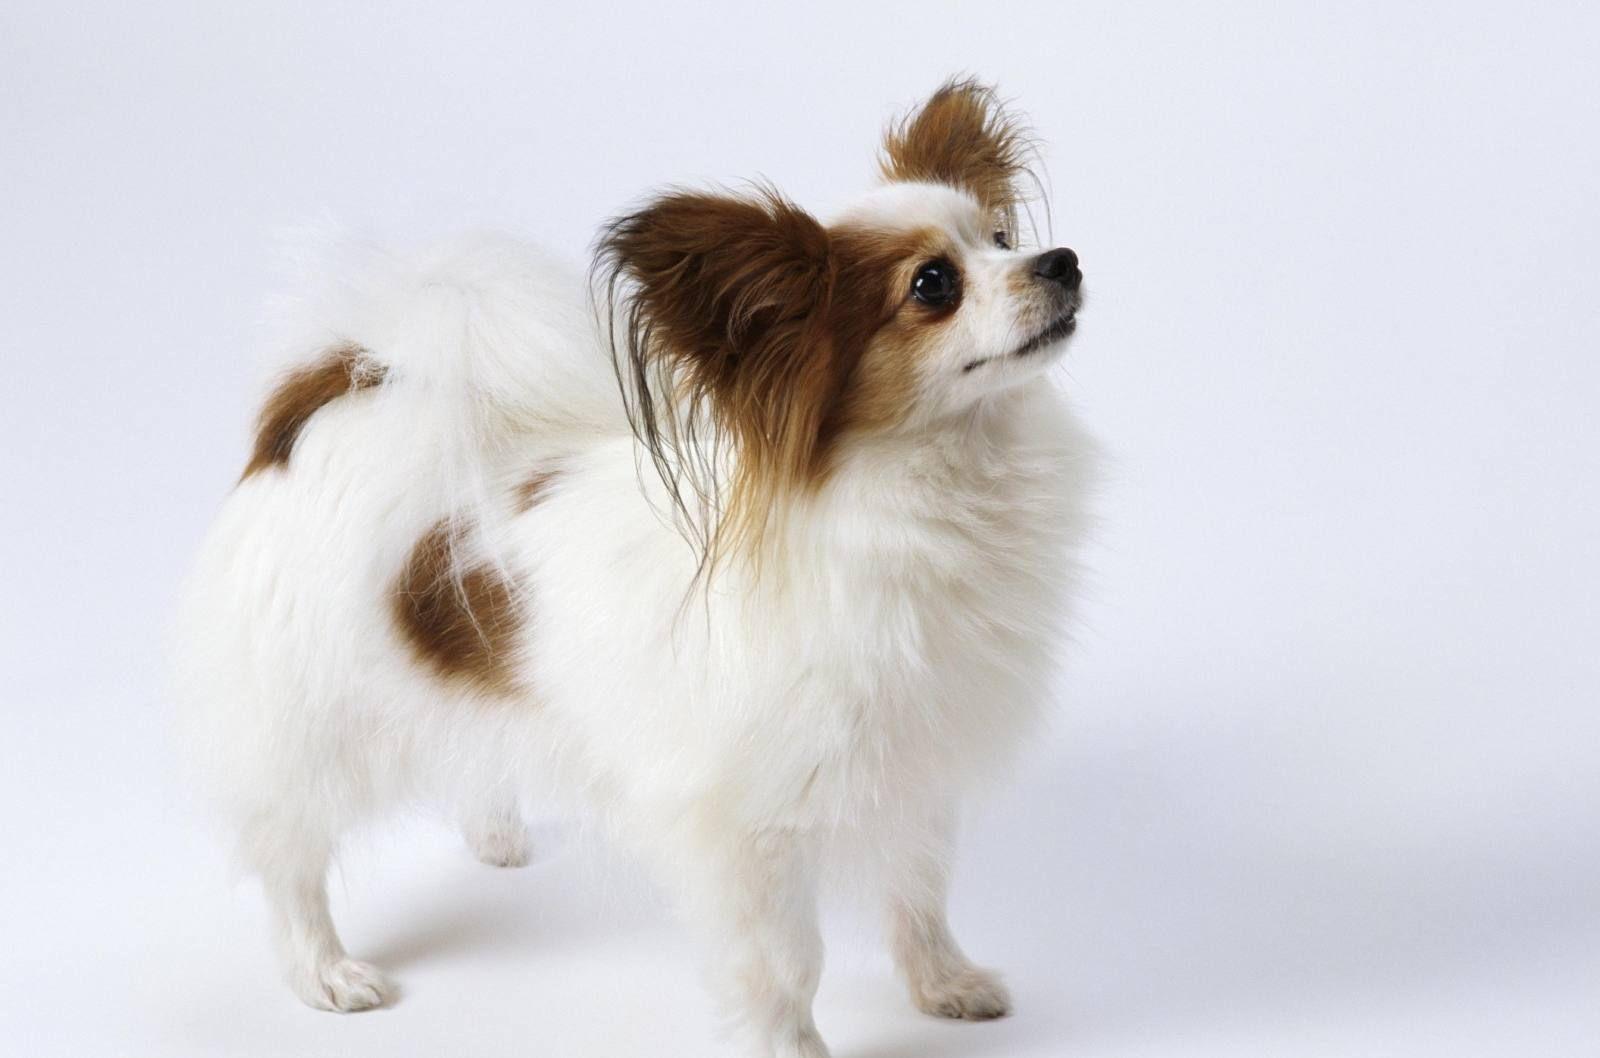 蝴蝶犬_蛾犬和蝴蝶犬的区别_蝴蝶之恋/蝴蝶情人